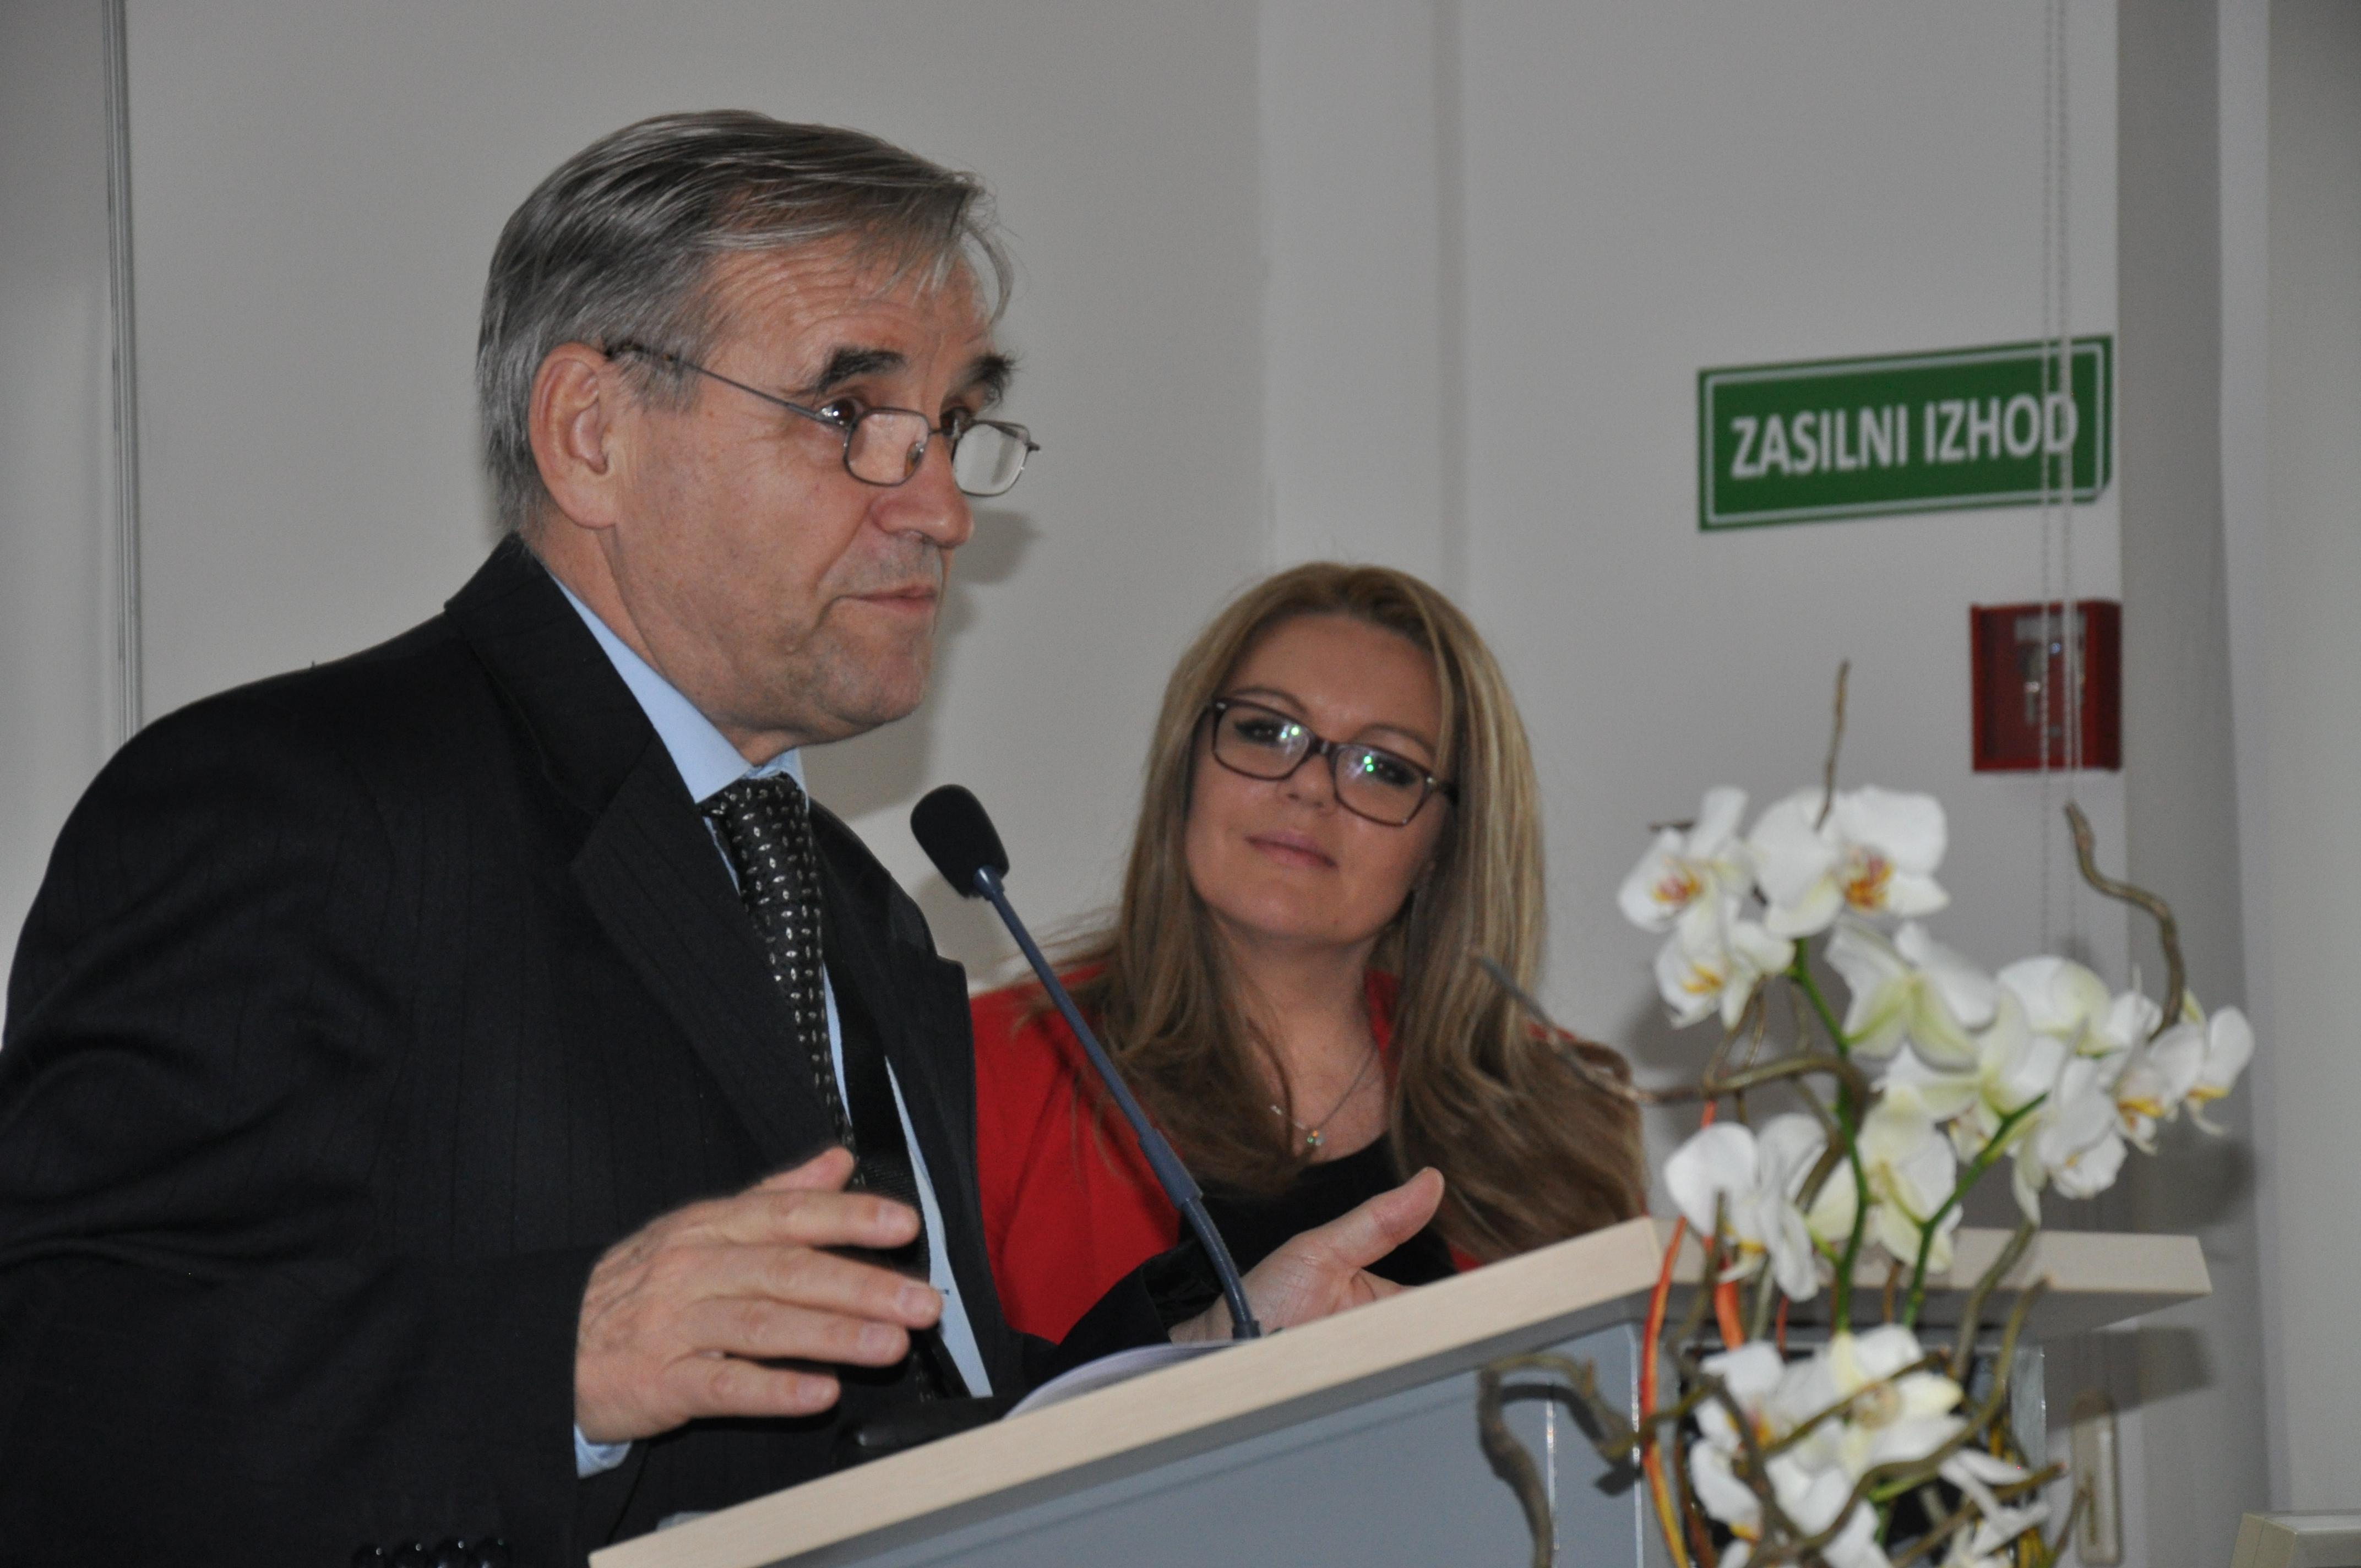 prof. dr Andreja Savić s prispevkom Varnostno-poslovni izzivi globalizacije: teoretični pristop